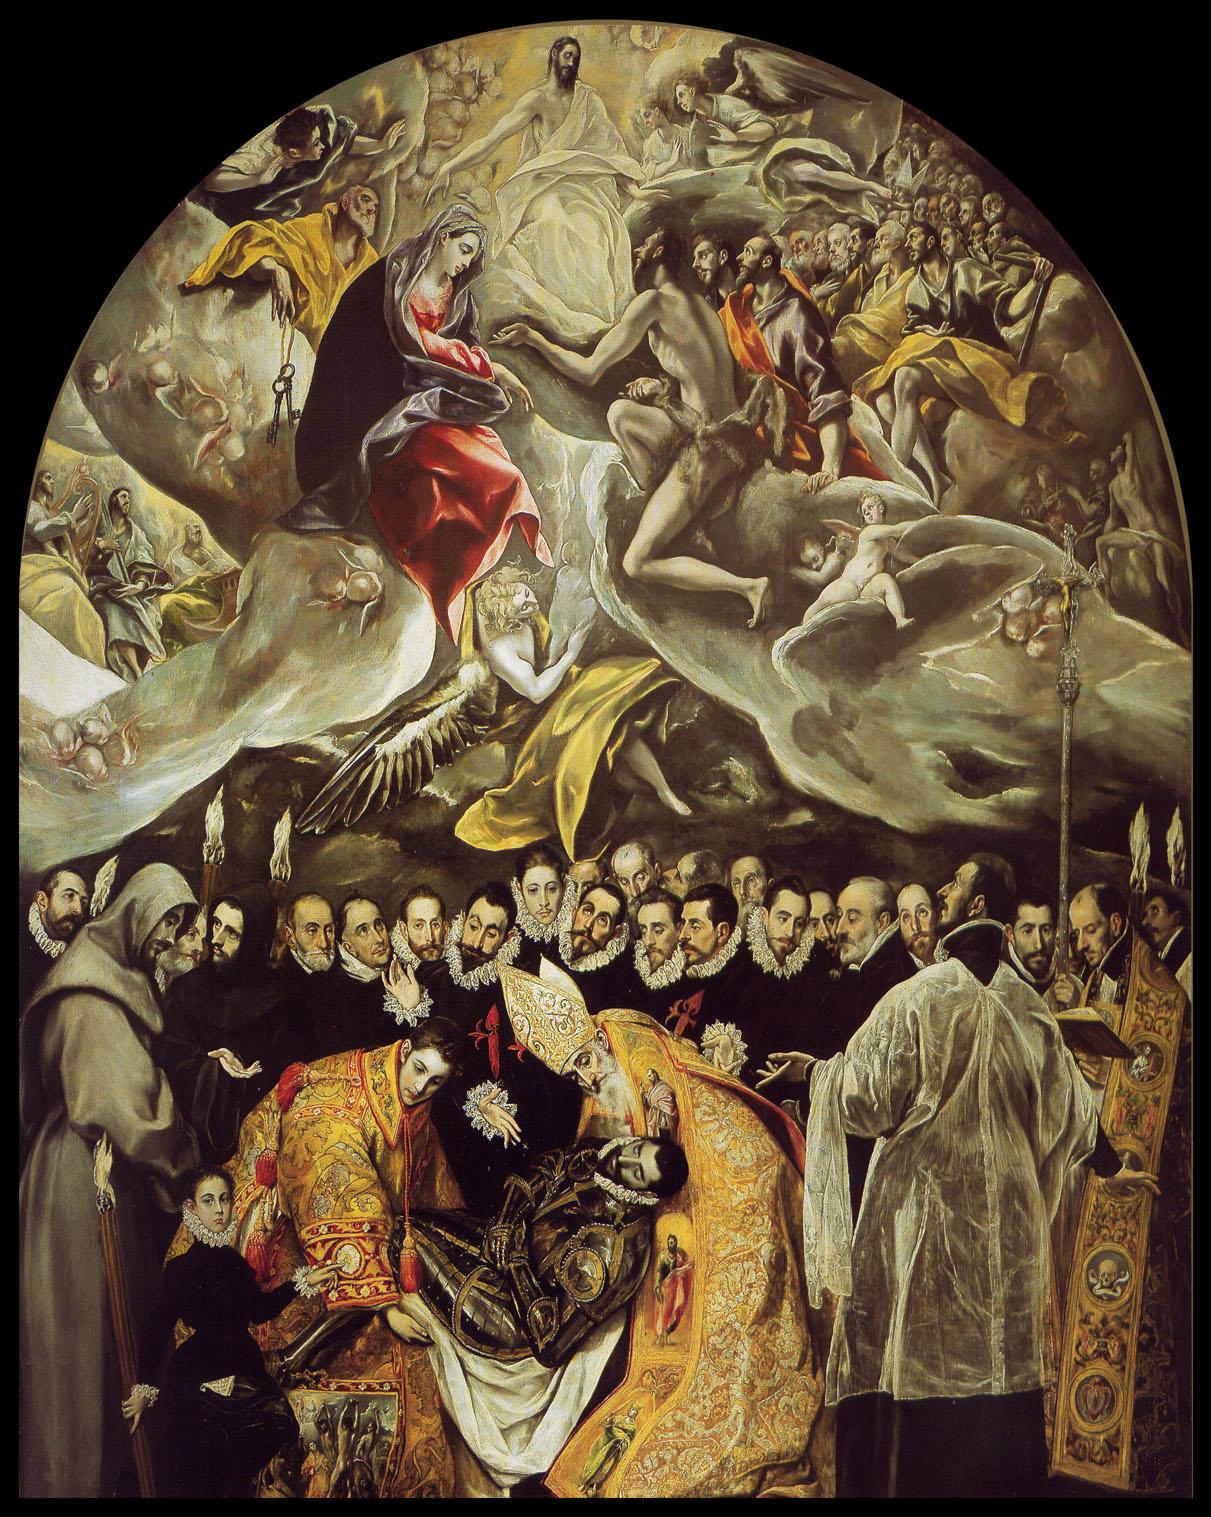 The Burial of Count Orgaz by El Greco | duckmarx